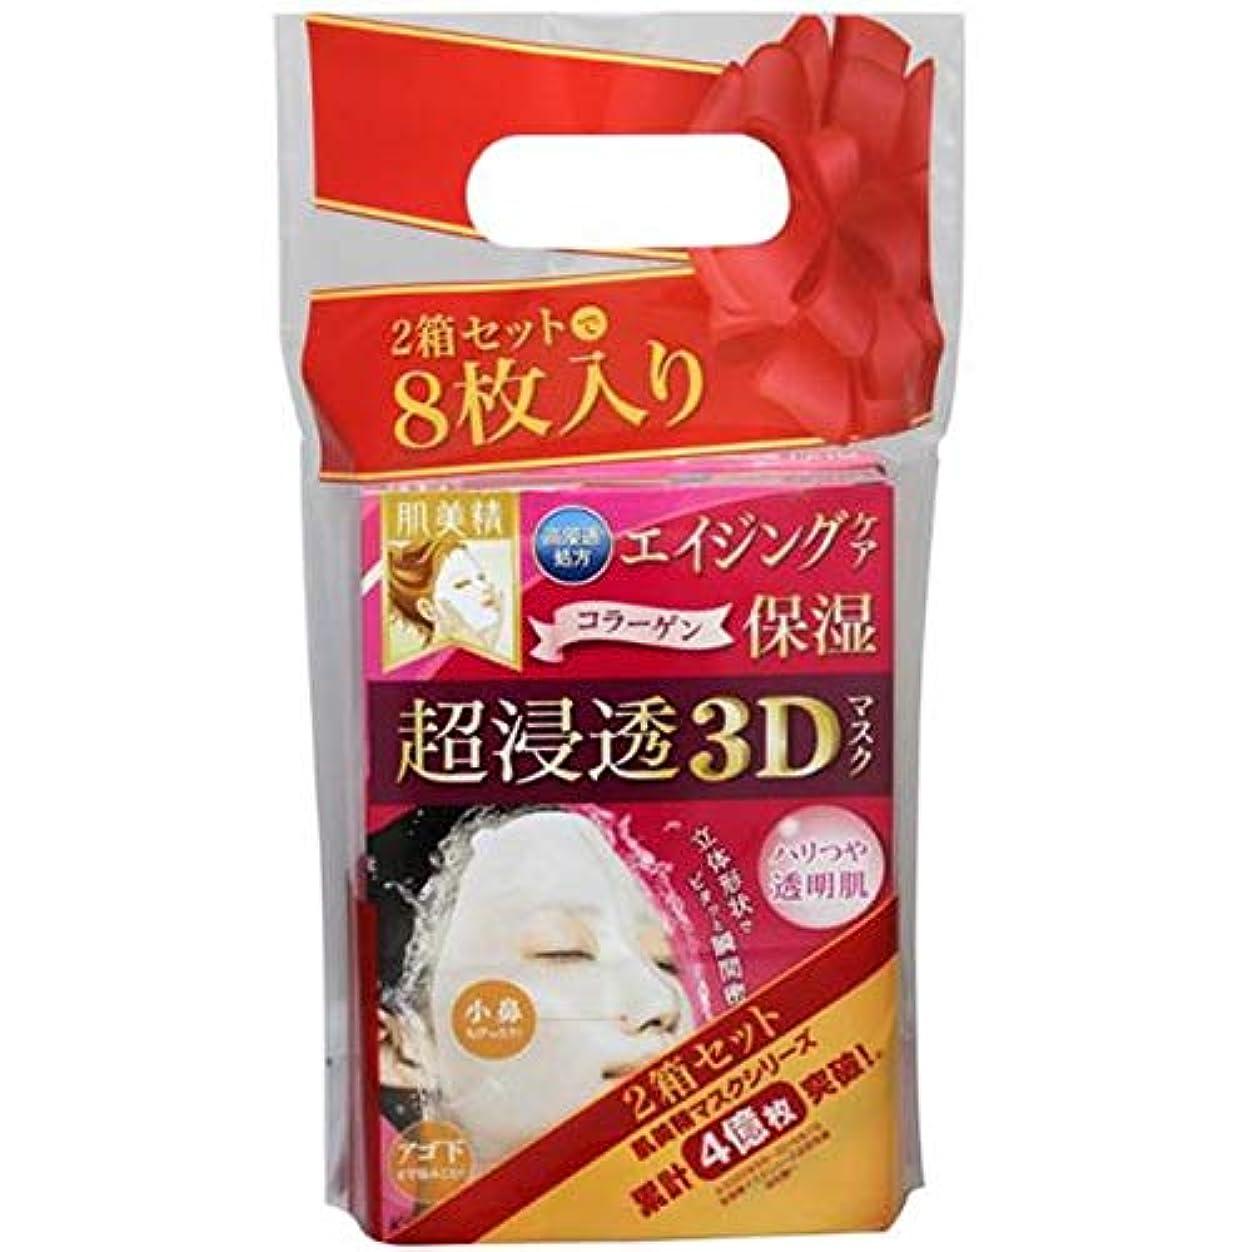 馬鹿液体自伝【数量限定!お買い得セット!】肌美精 超浸透3Dマスク エイジングケア保湿 2個セット